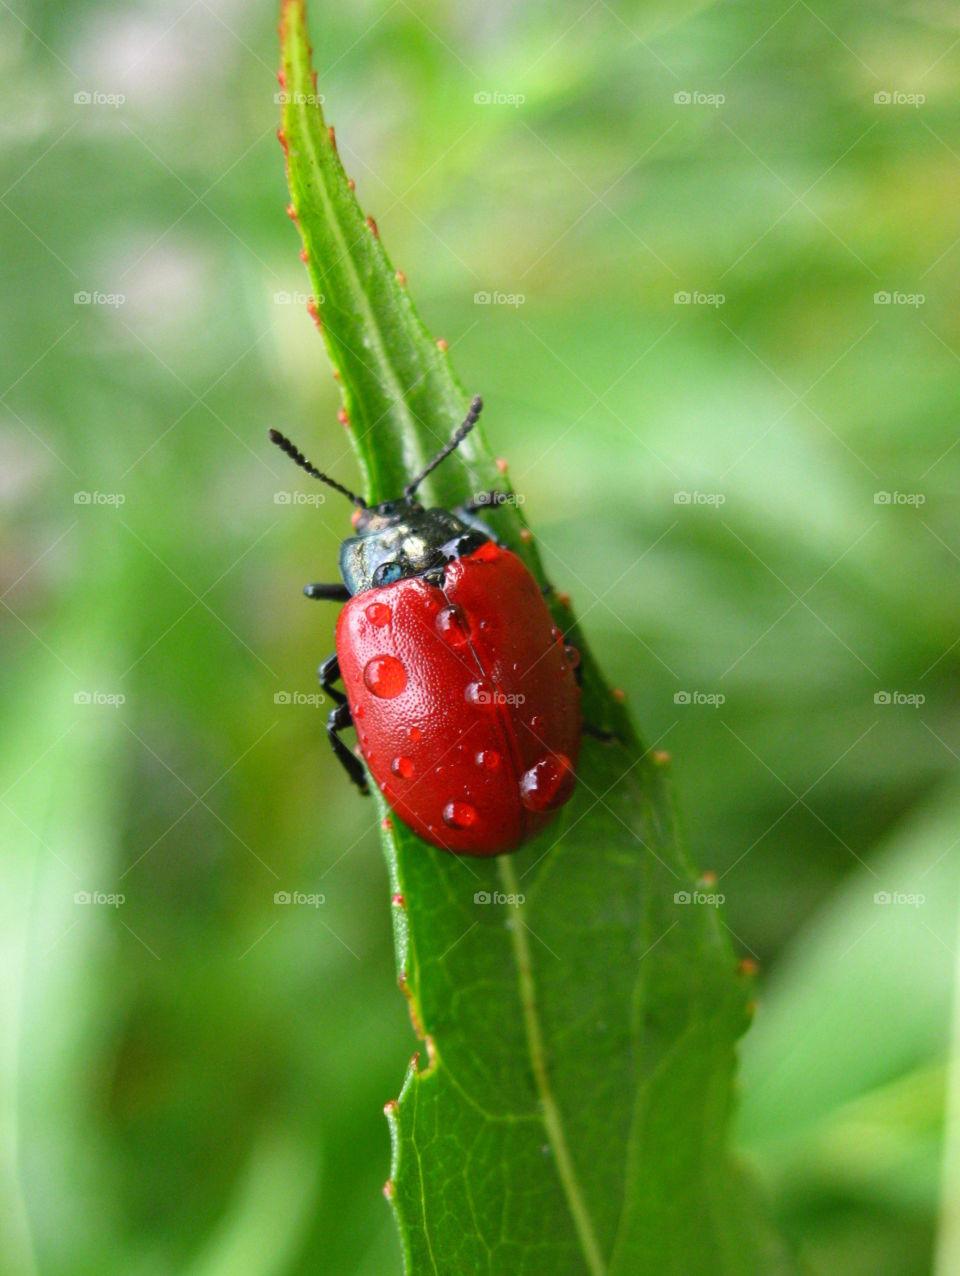 Ladybug, on green leaf